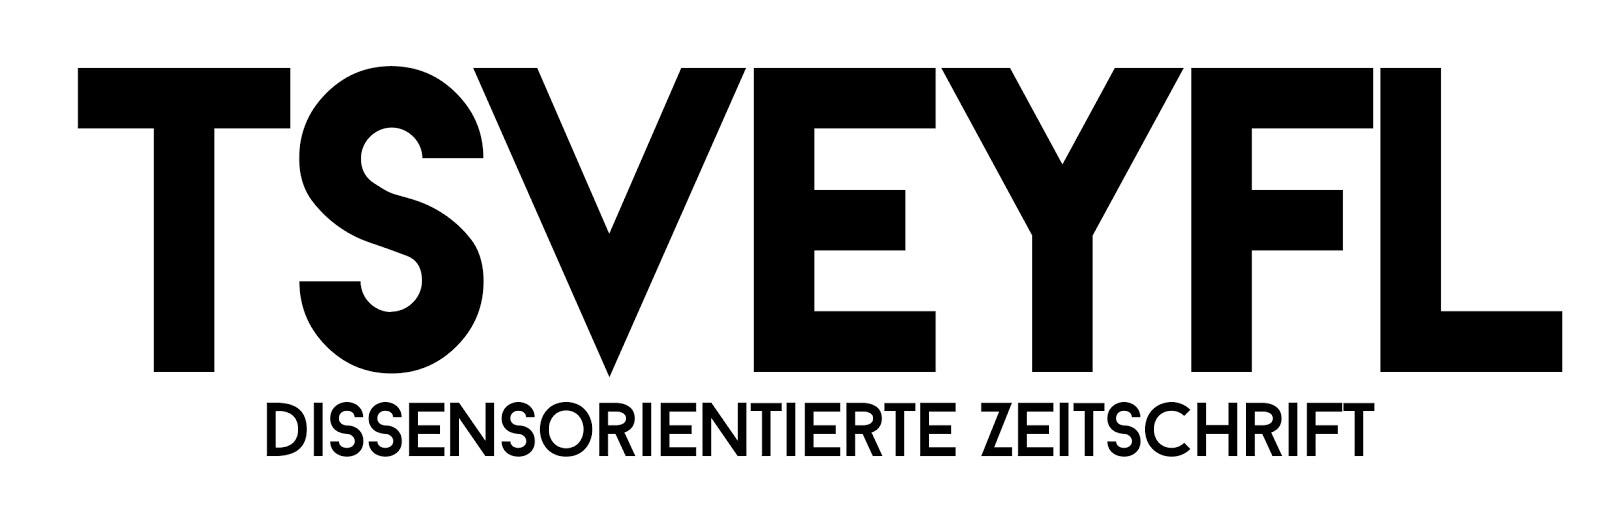 Tsveyfl